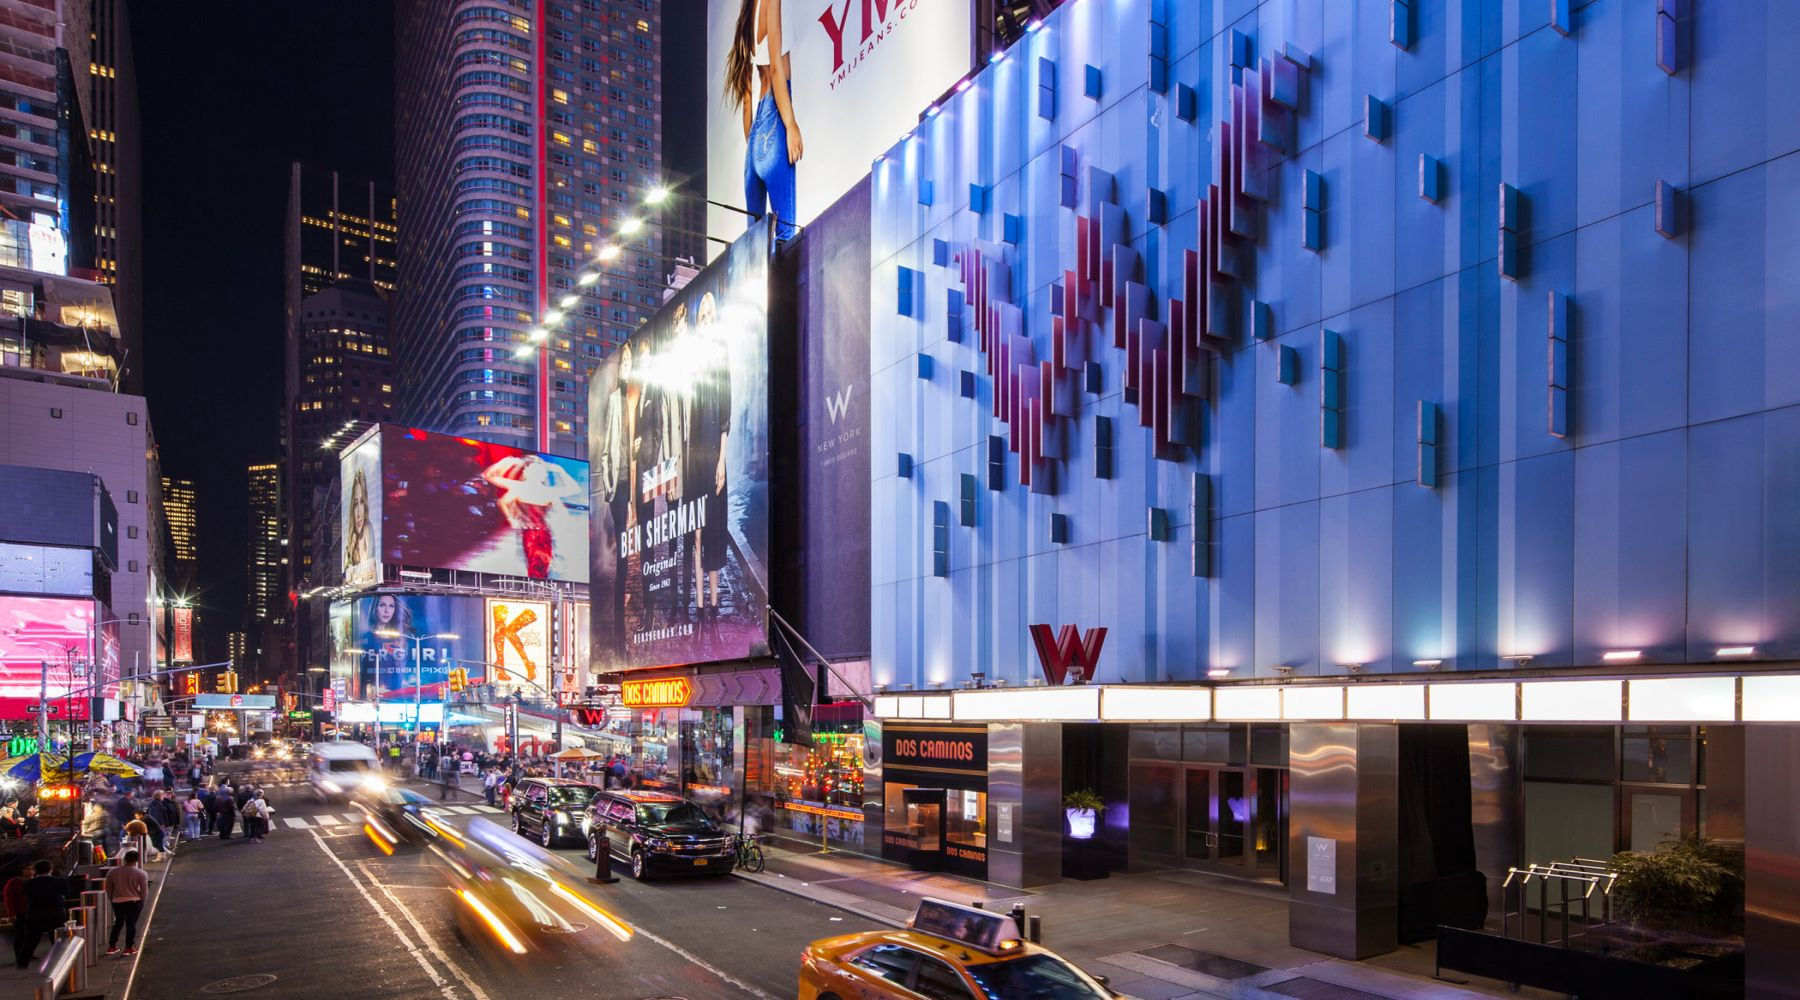 Hotel W, Nowy Jork